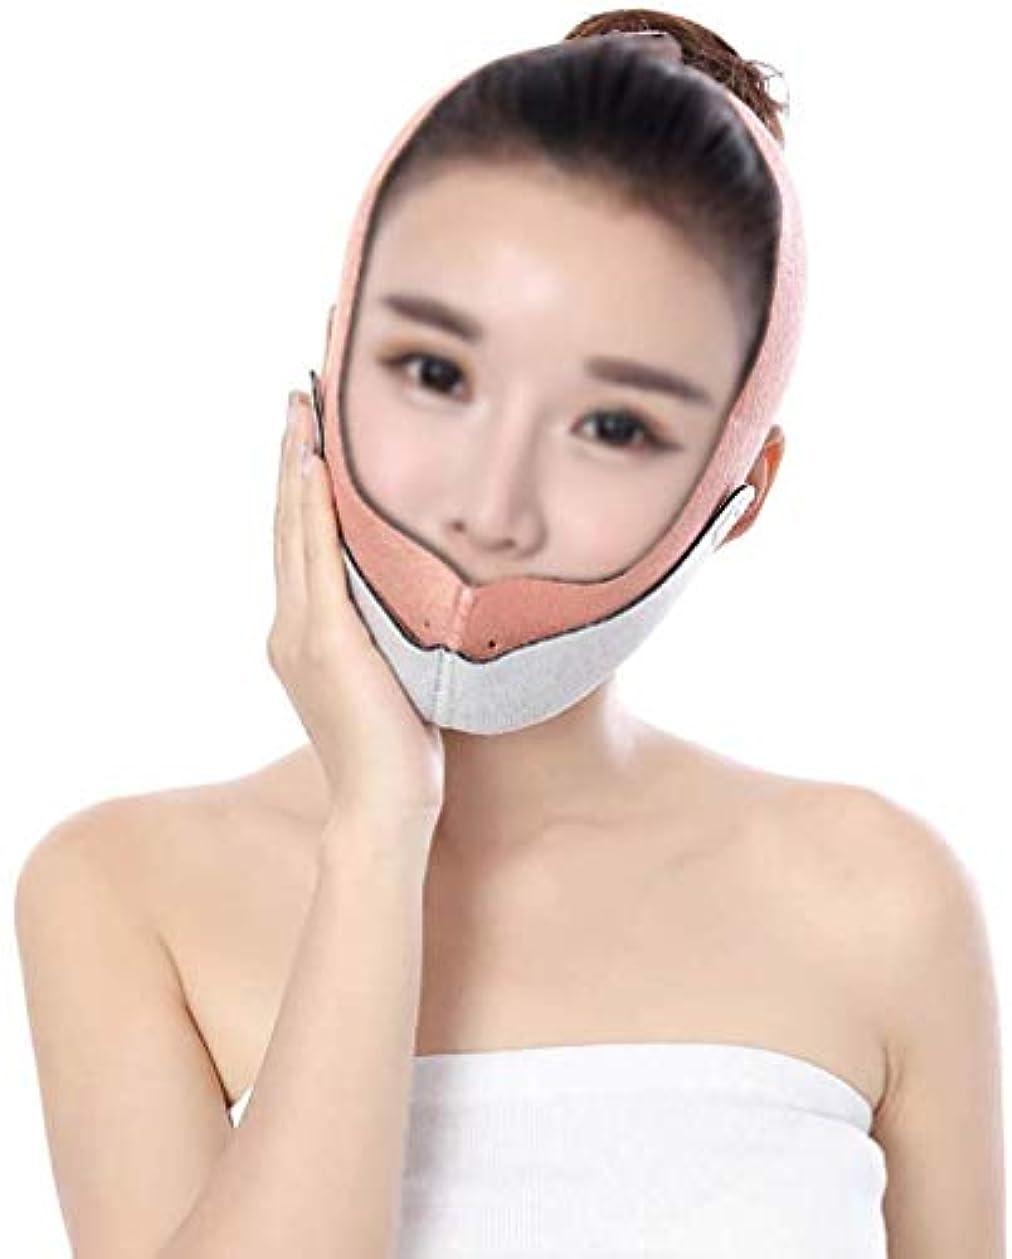 事実フィット女性美容と実用的な引き締めフェイスマスク、フェイスリフティングアーティファクト修正フェイスリフティングベルトたるみ防止包帯美容マスクマスクV顔布ツール